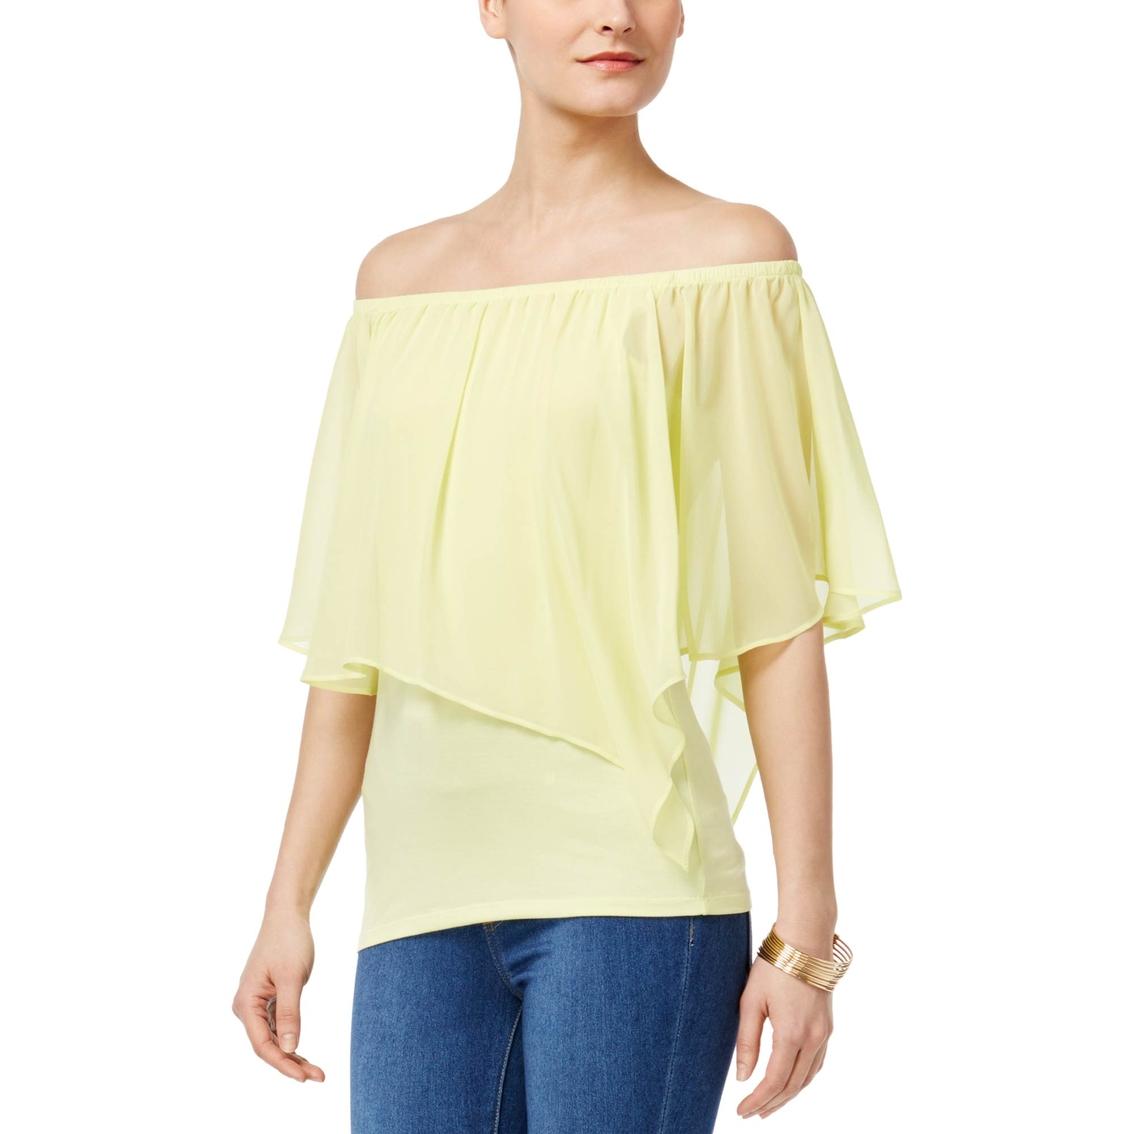 420204145b52d Thalia Sodi Convertible Off-the-shoulder Top